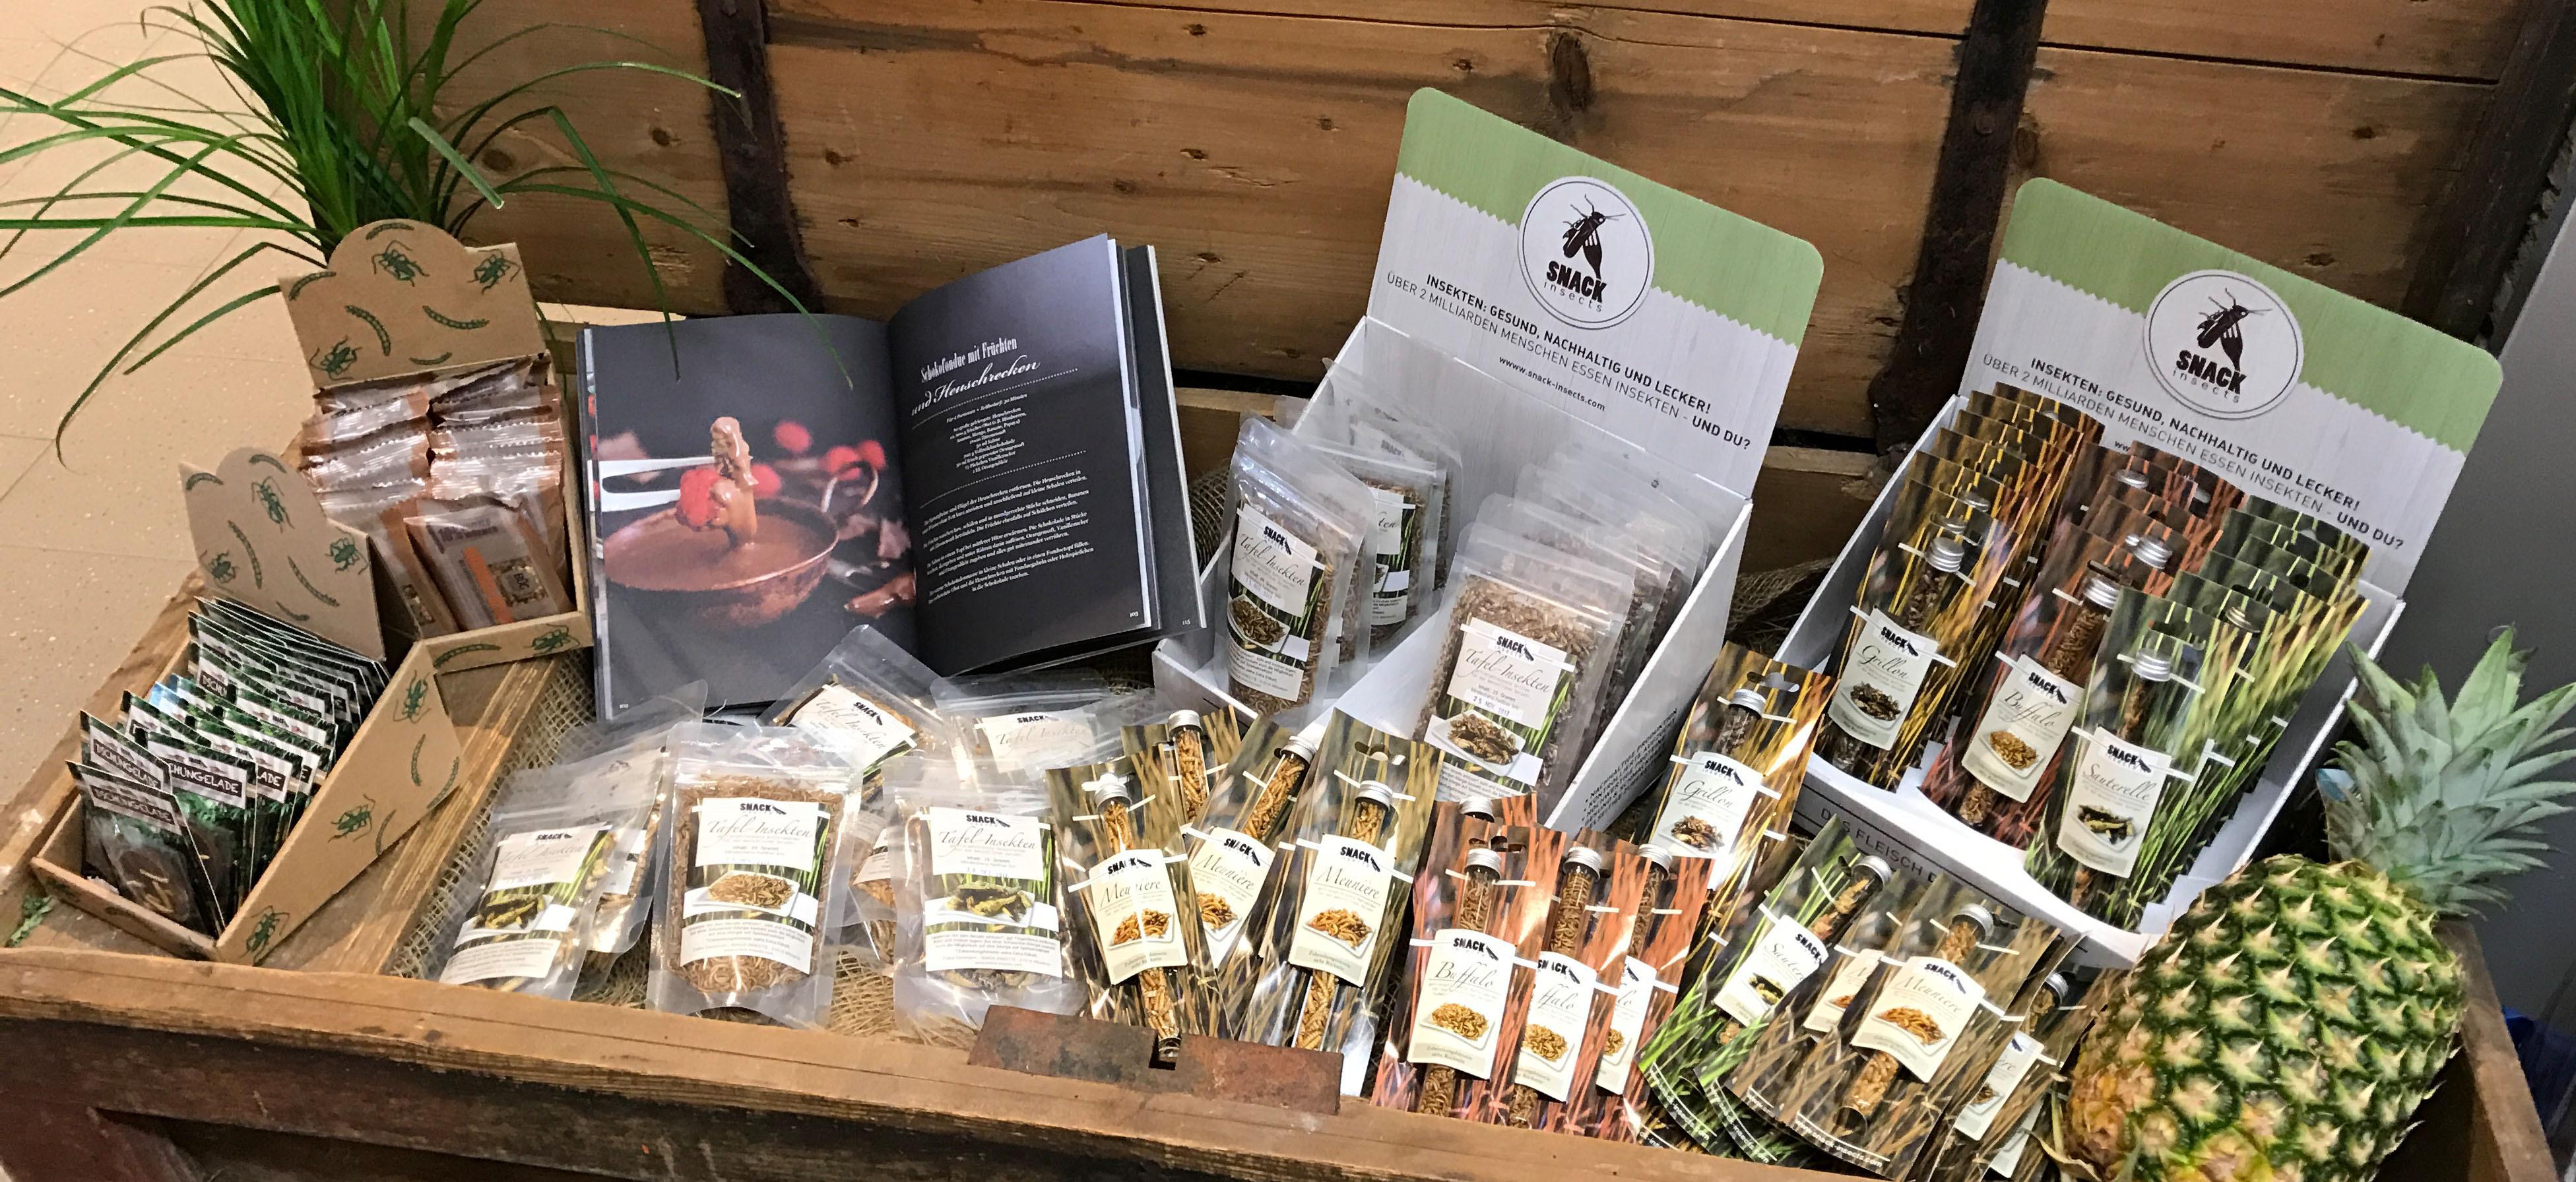 Snack-Insects_Produkte_im_Verkauf_eines_Supermarktes